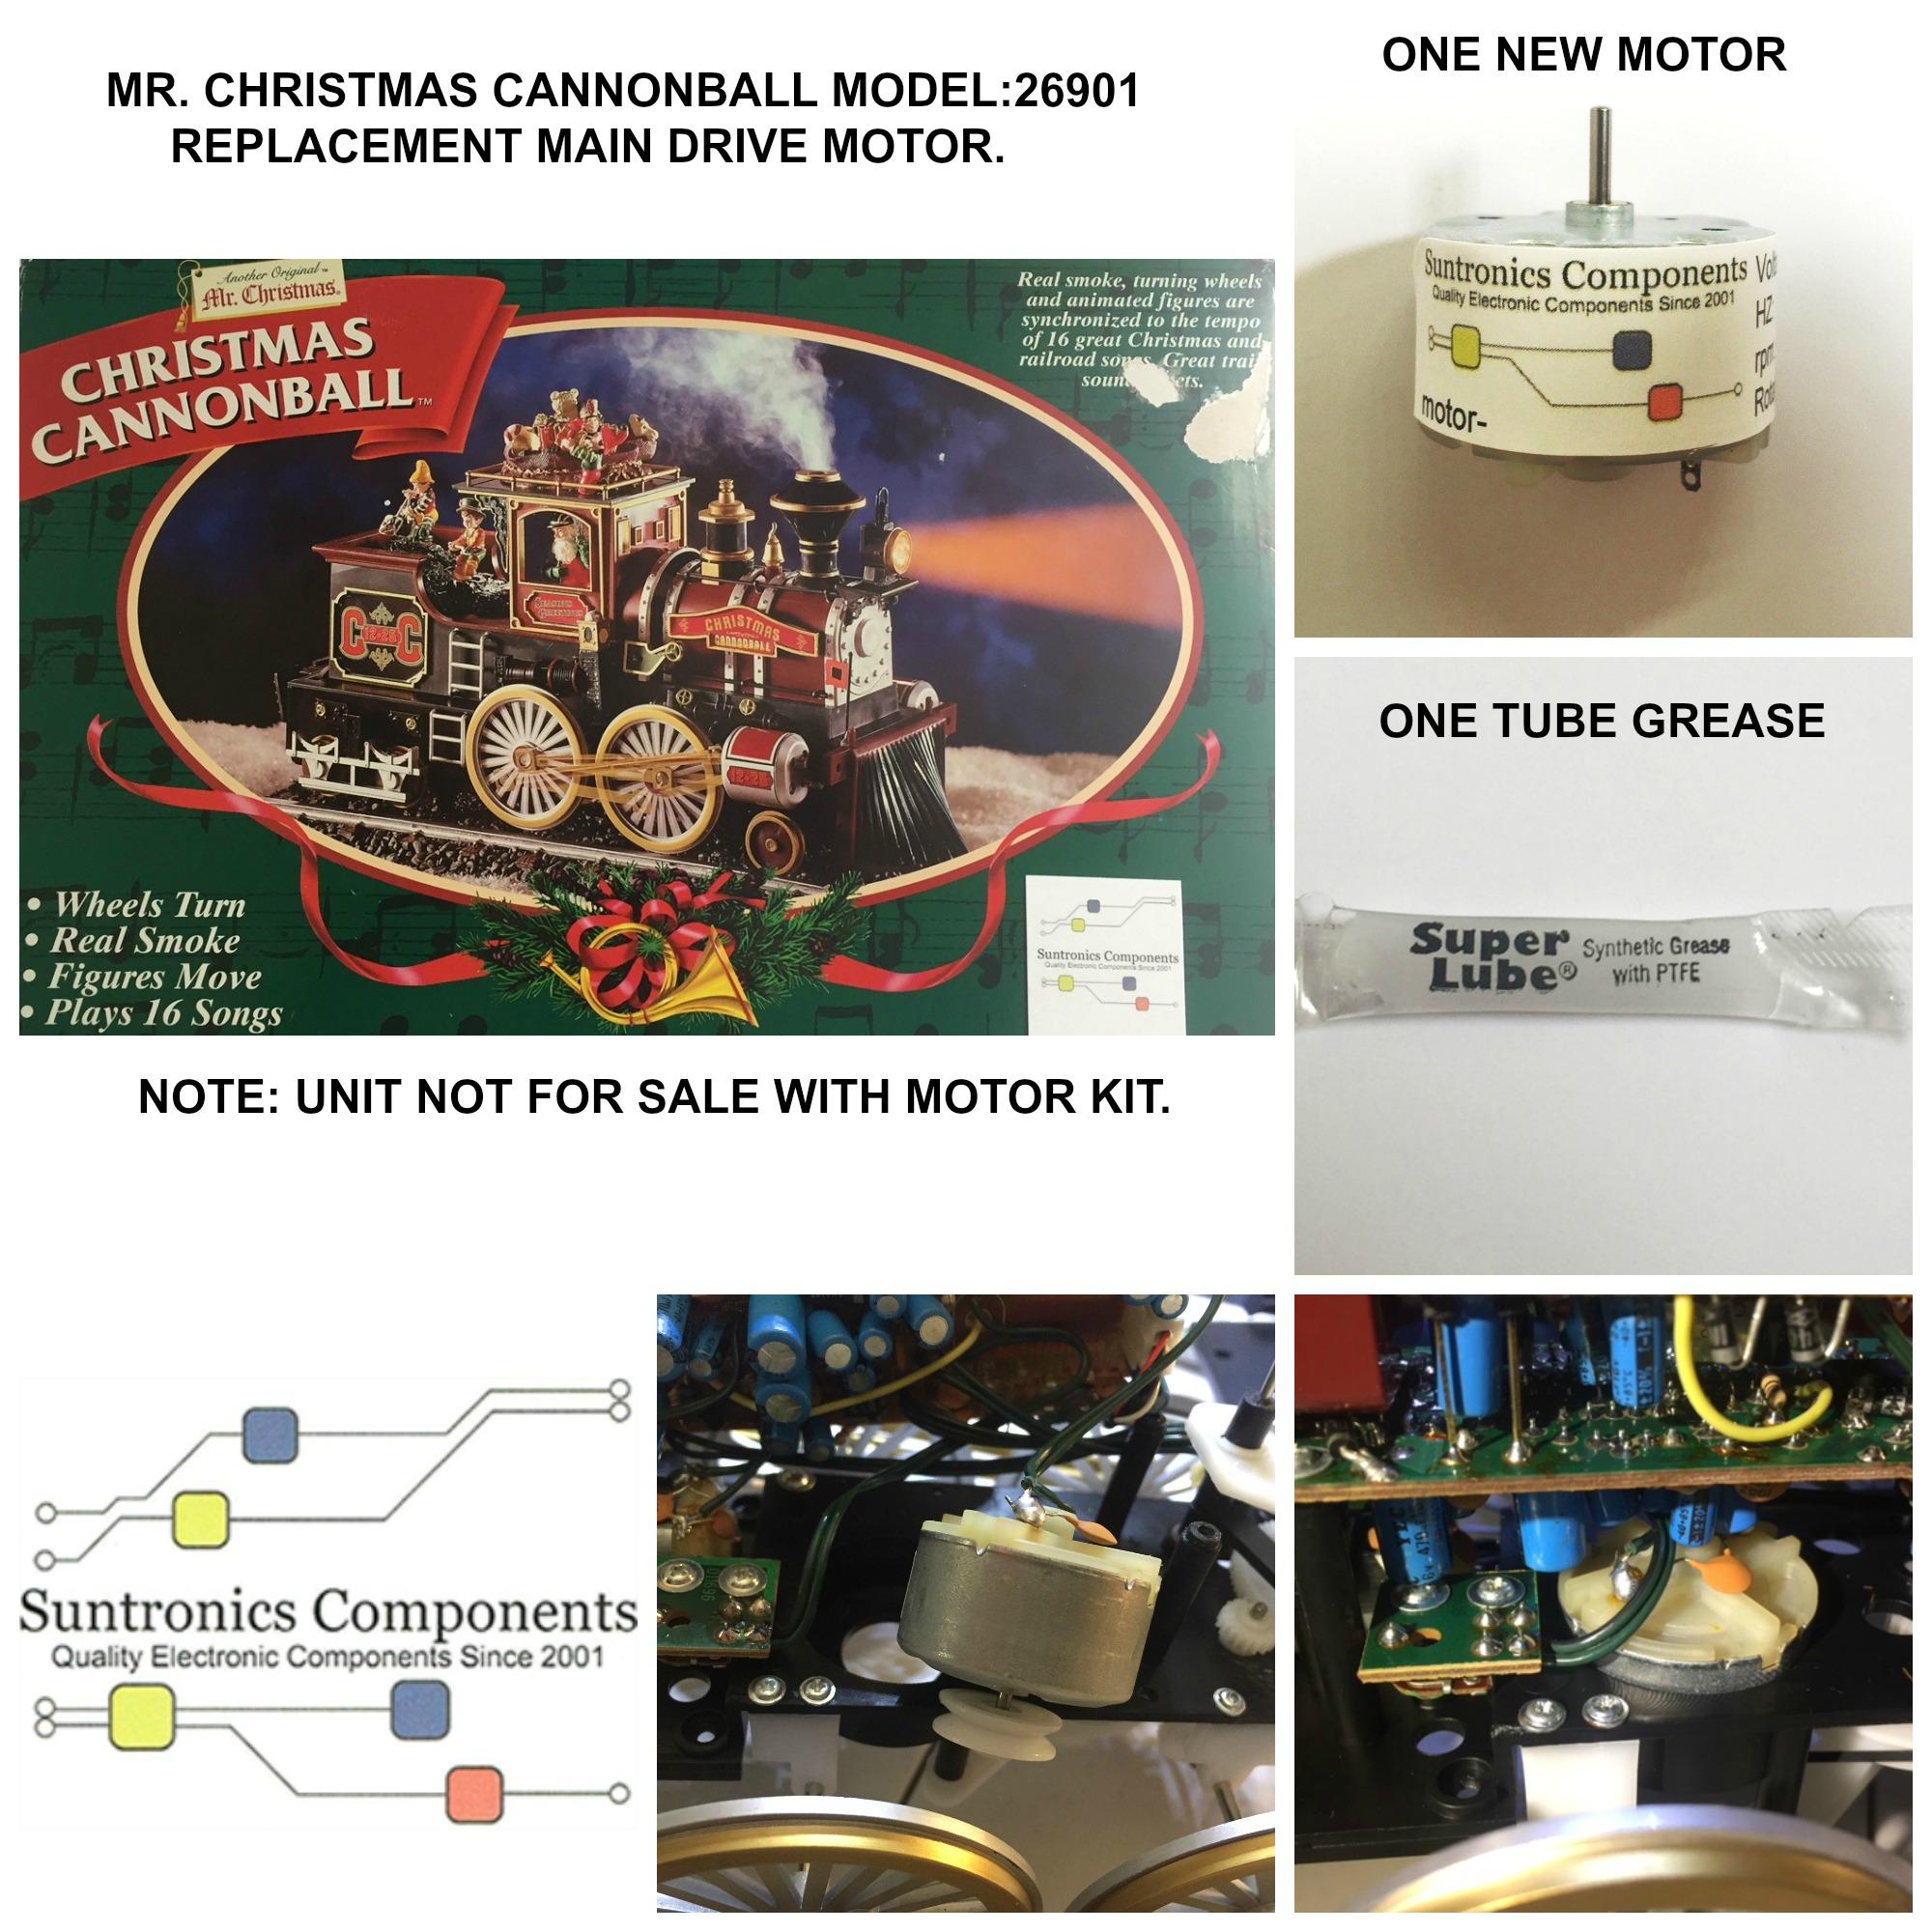 PicMonkey Image MR CHRISTMAS CANNONBALL MOTOR KIT  MODEL 26901.JPG